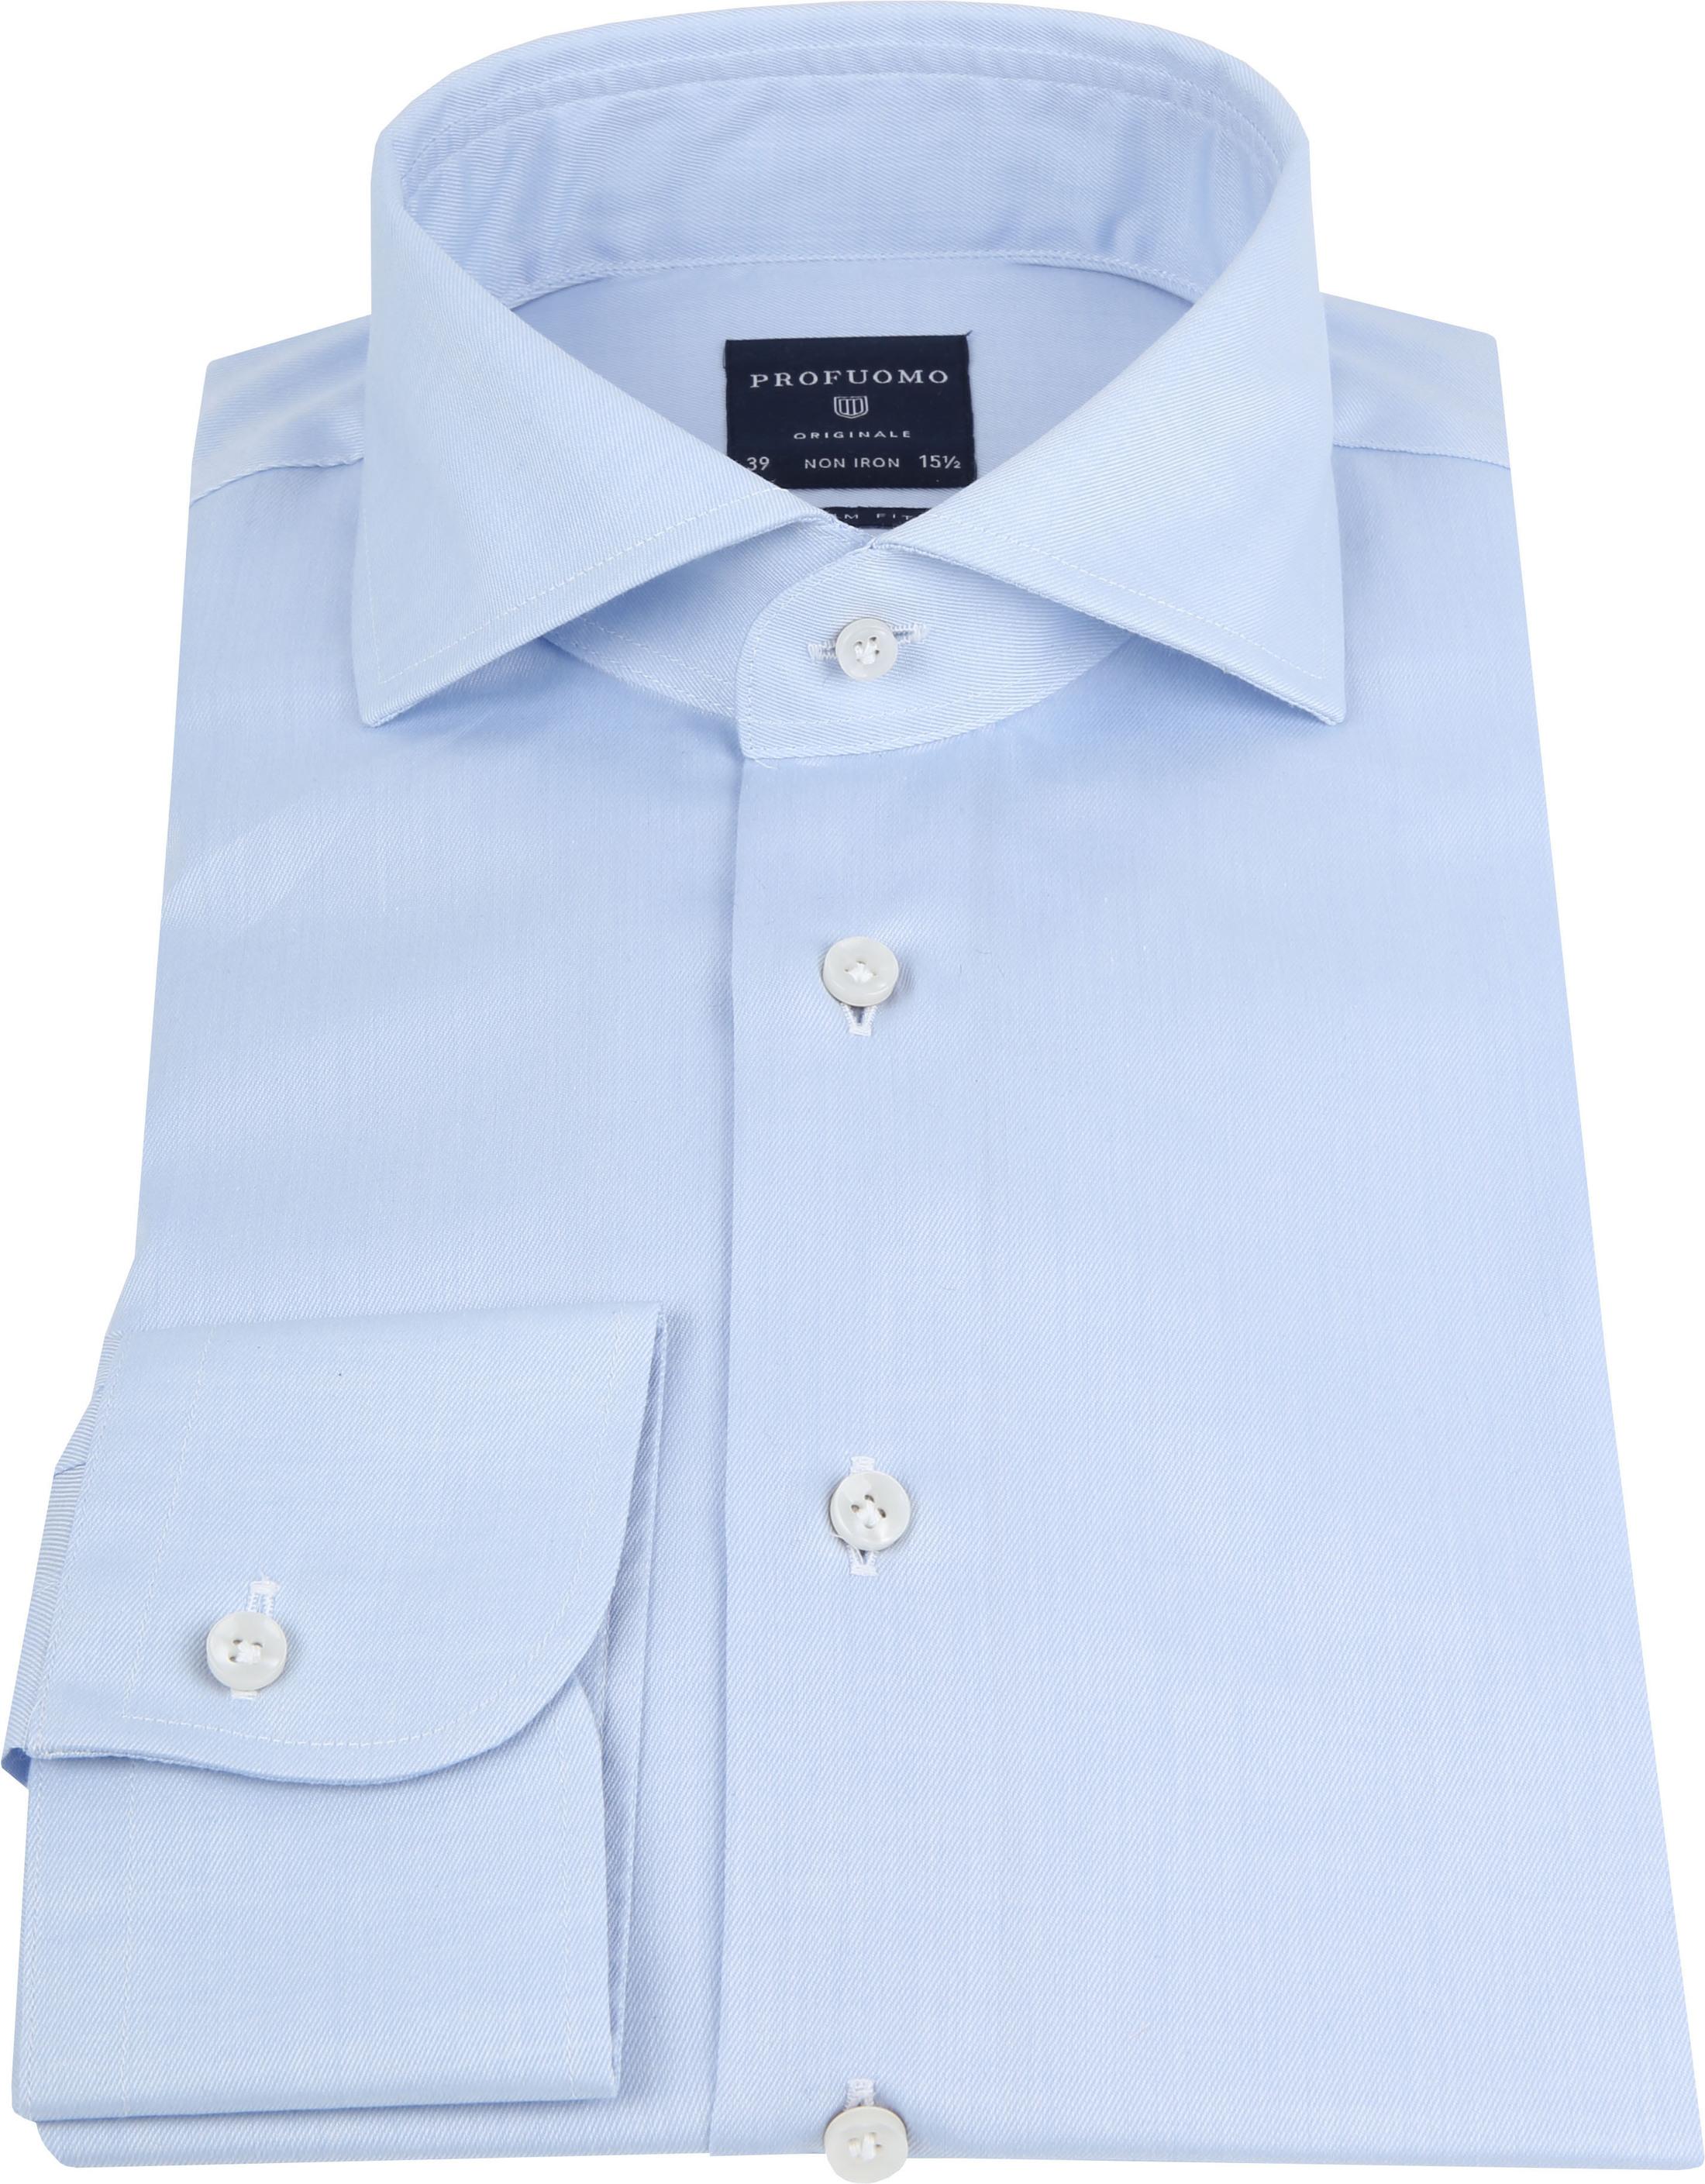 Profuomo Shirt Cutaway Blue foto 2